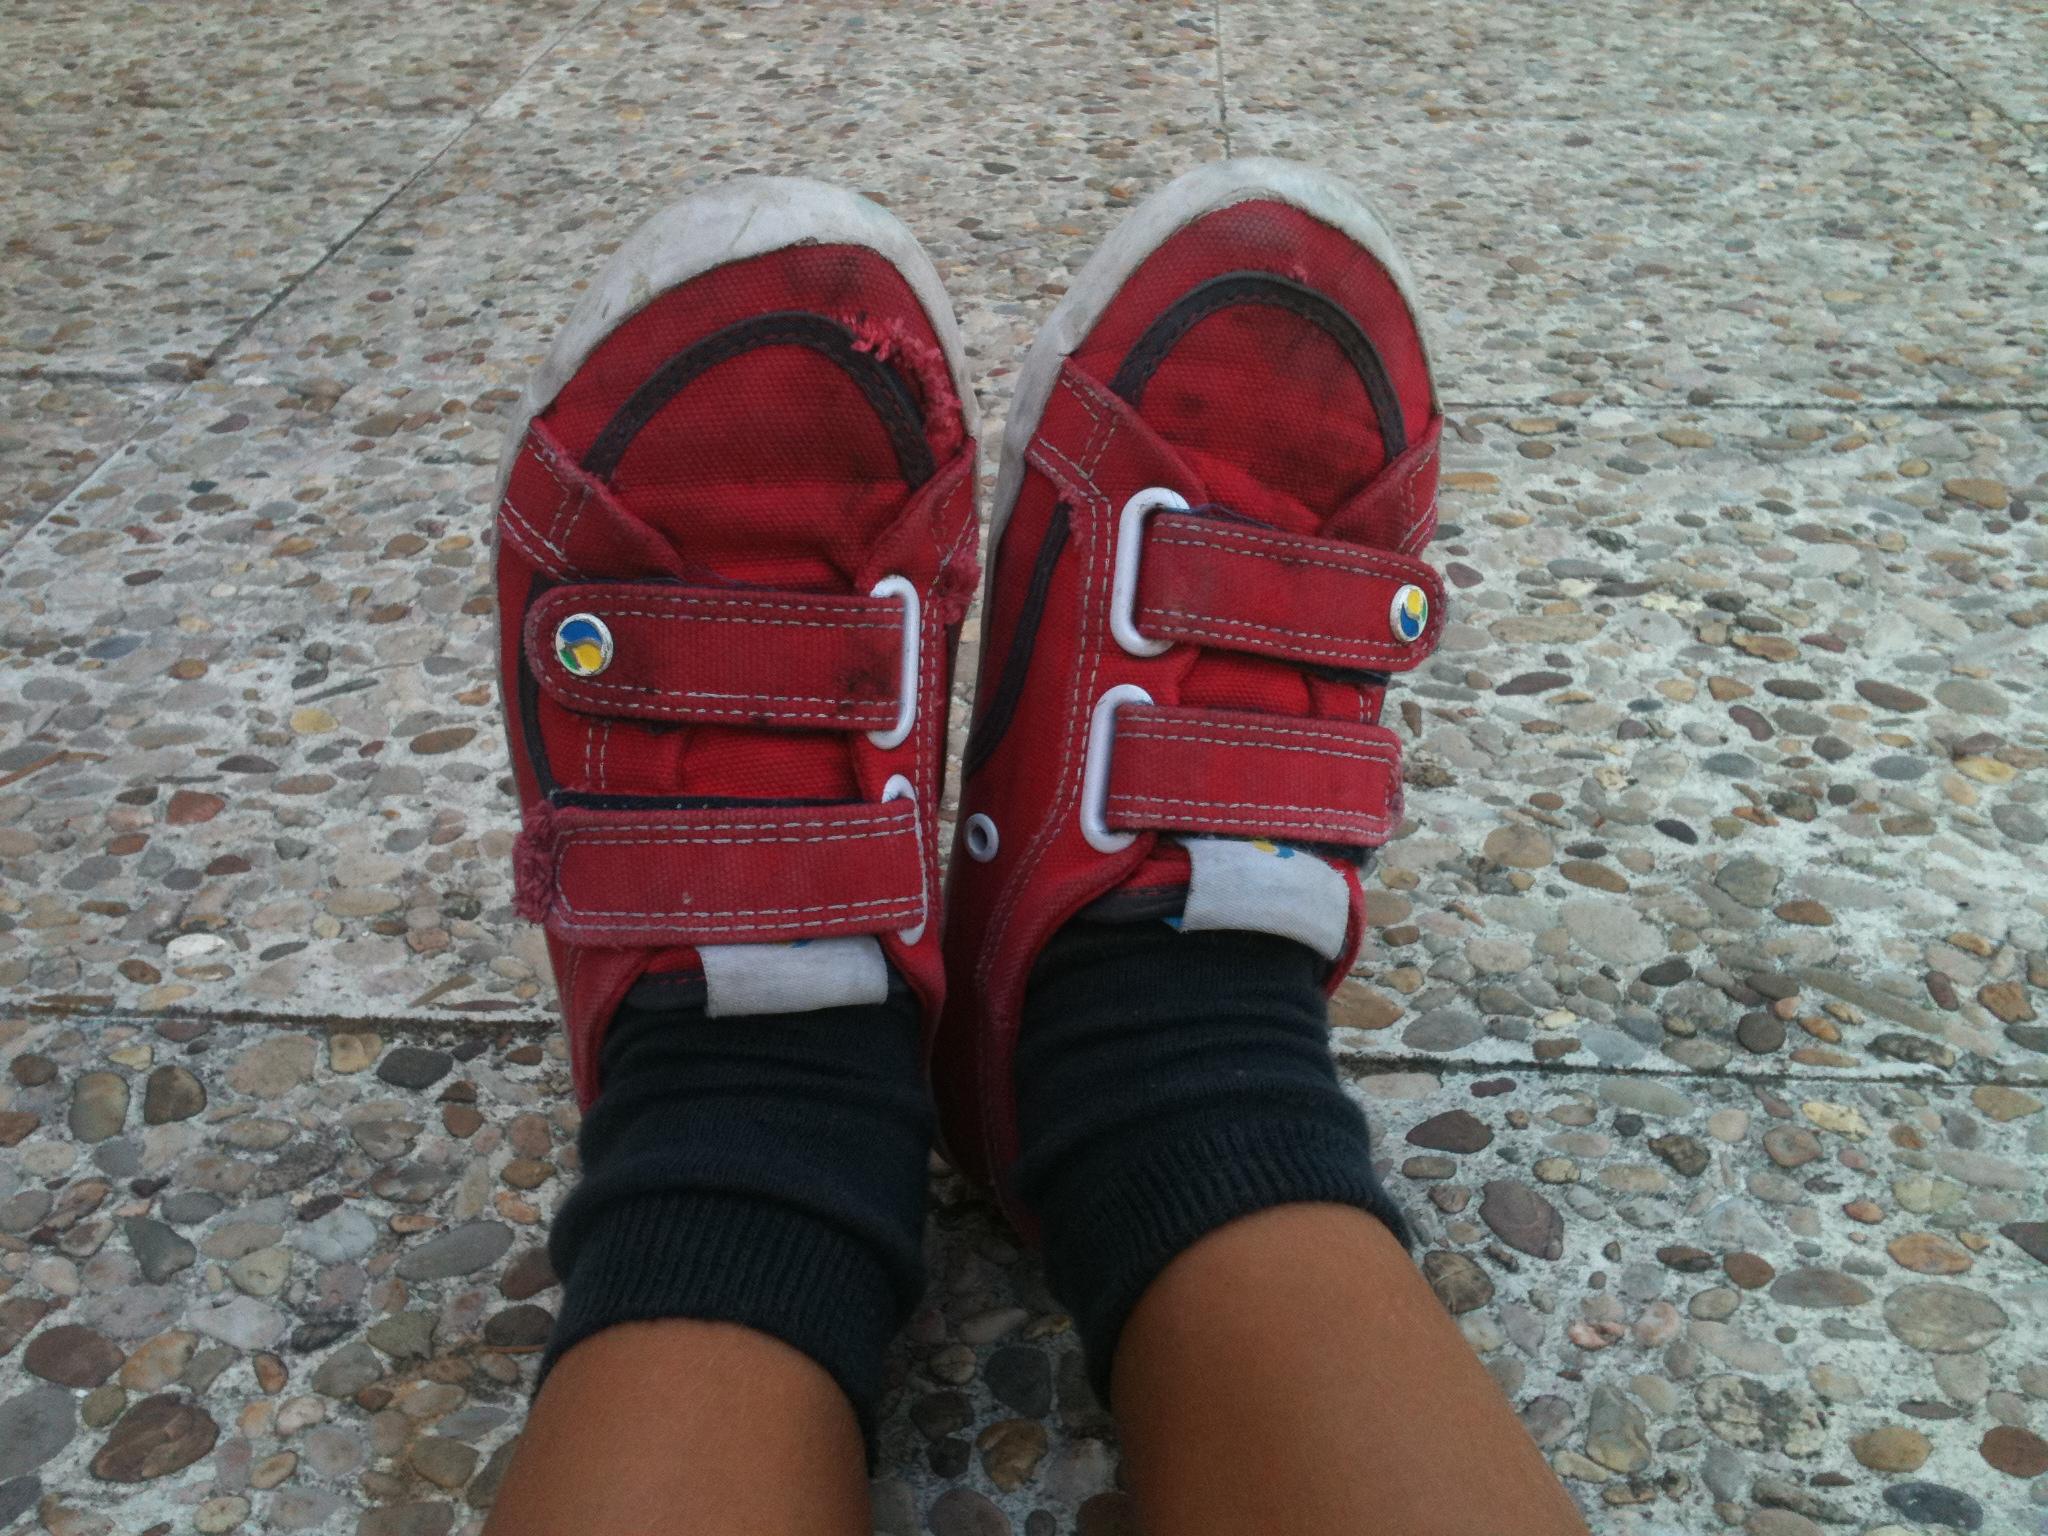 Dos pies juntos con zapatillas de deporte rojas